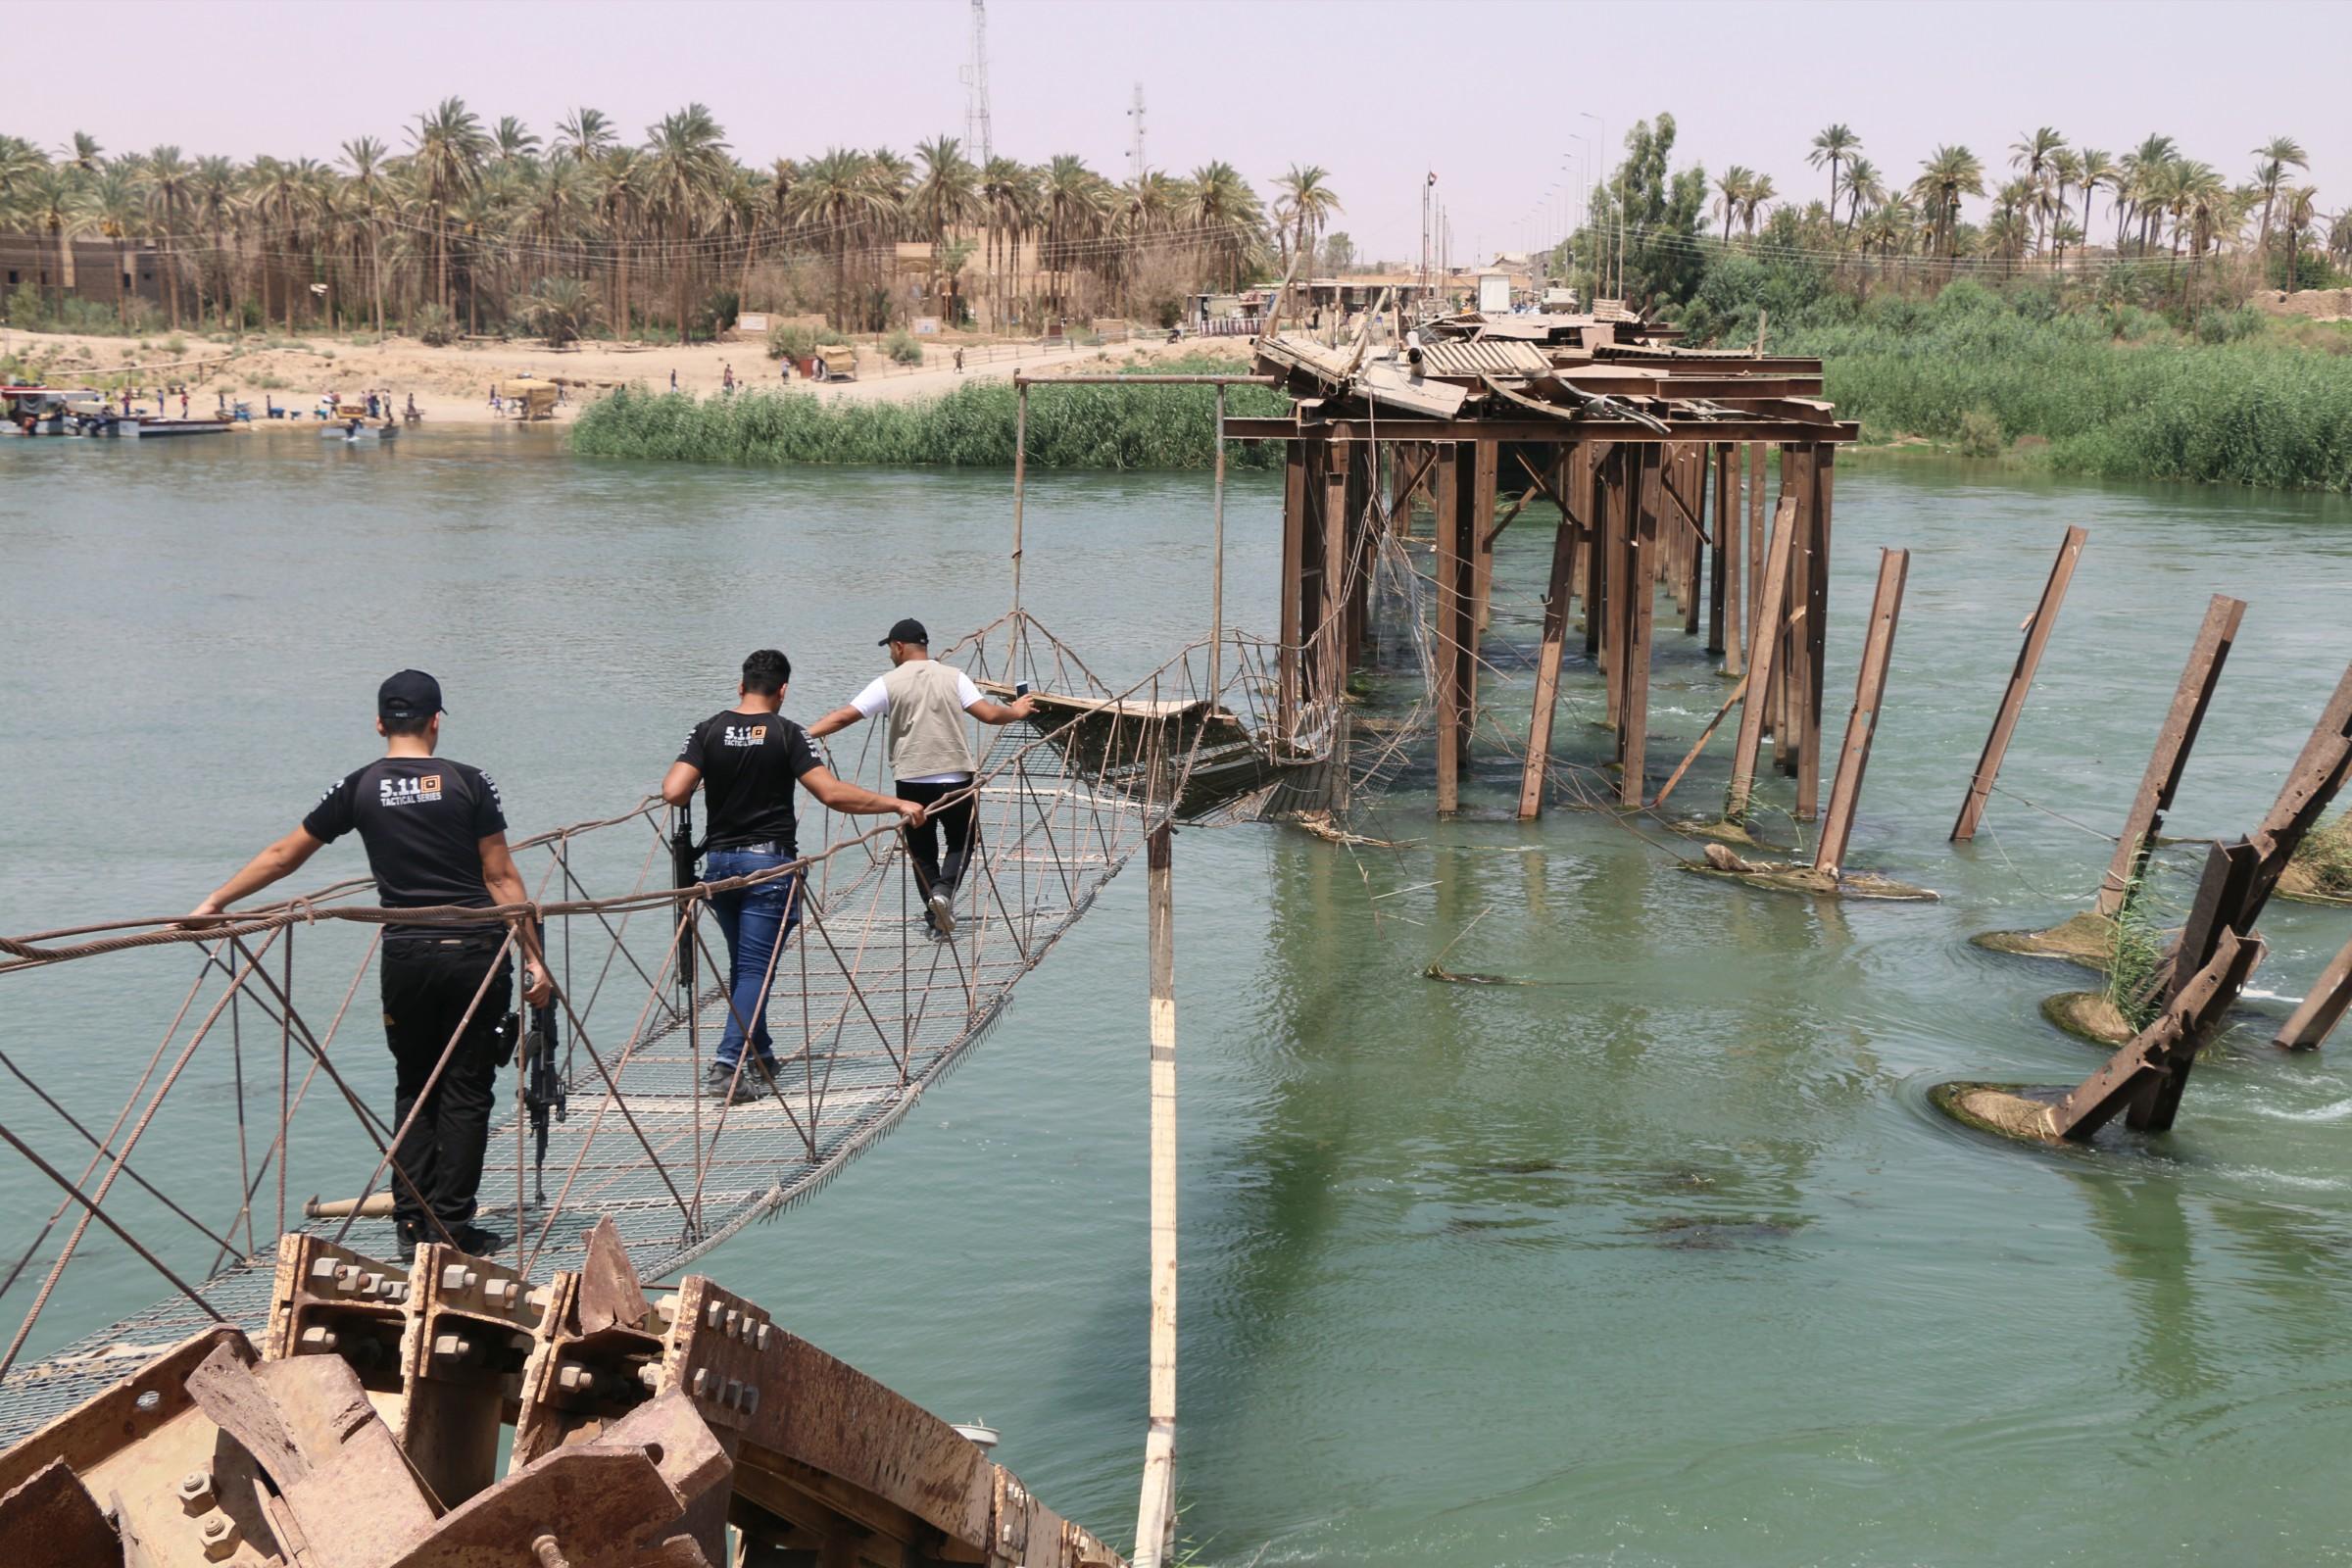 إحالة جسر هيت الحديدي الى الاعمار بكلفة أكثر من مليار دينار